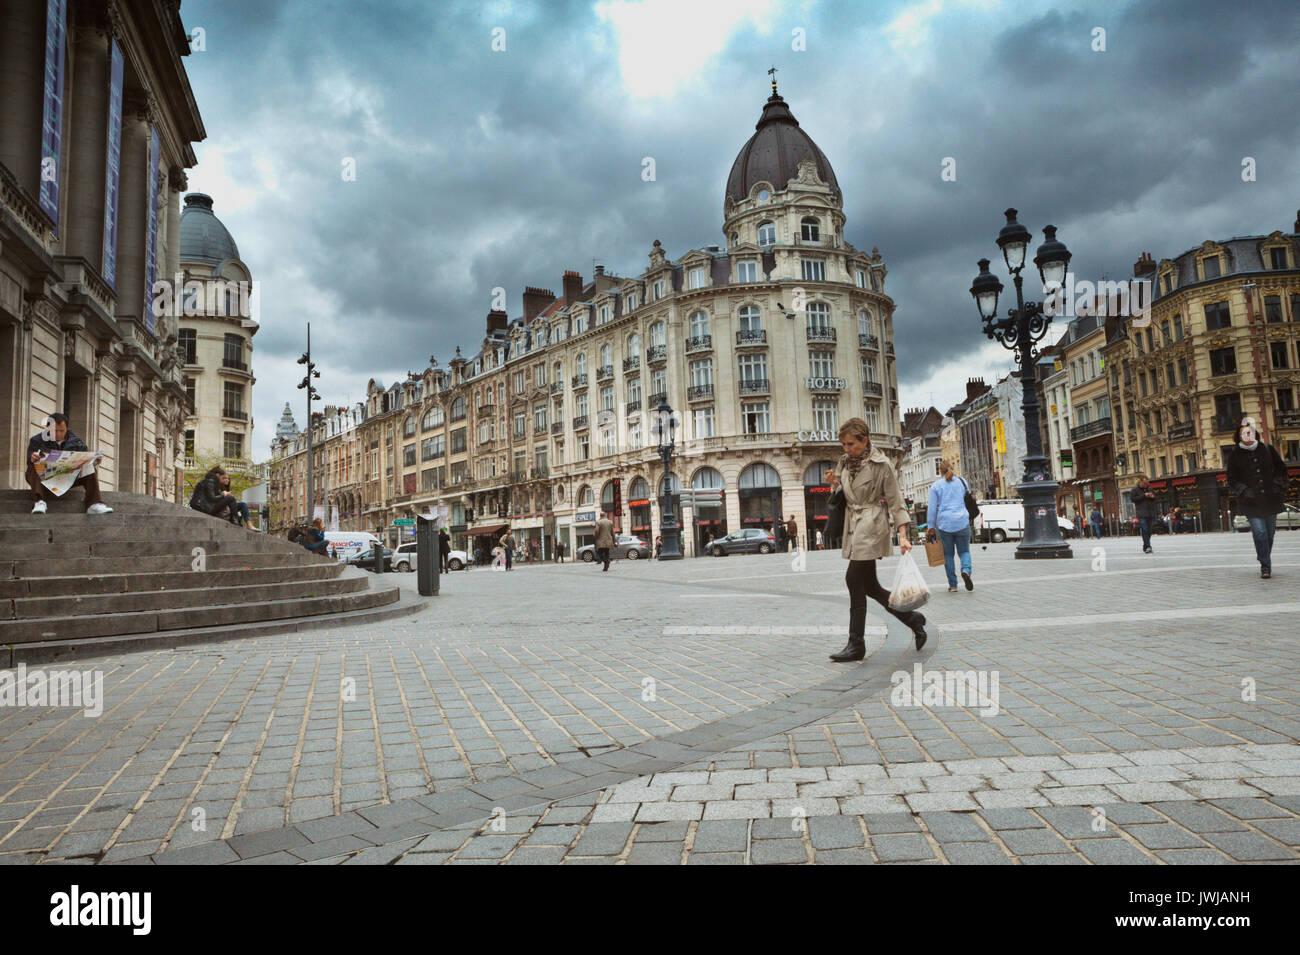 Los pasos de la Opéra de Lille es un gran lugar para descansar mientras se disfruta de las vistas del Viejo Lille. Imagen De Stock